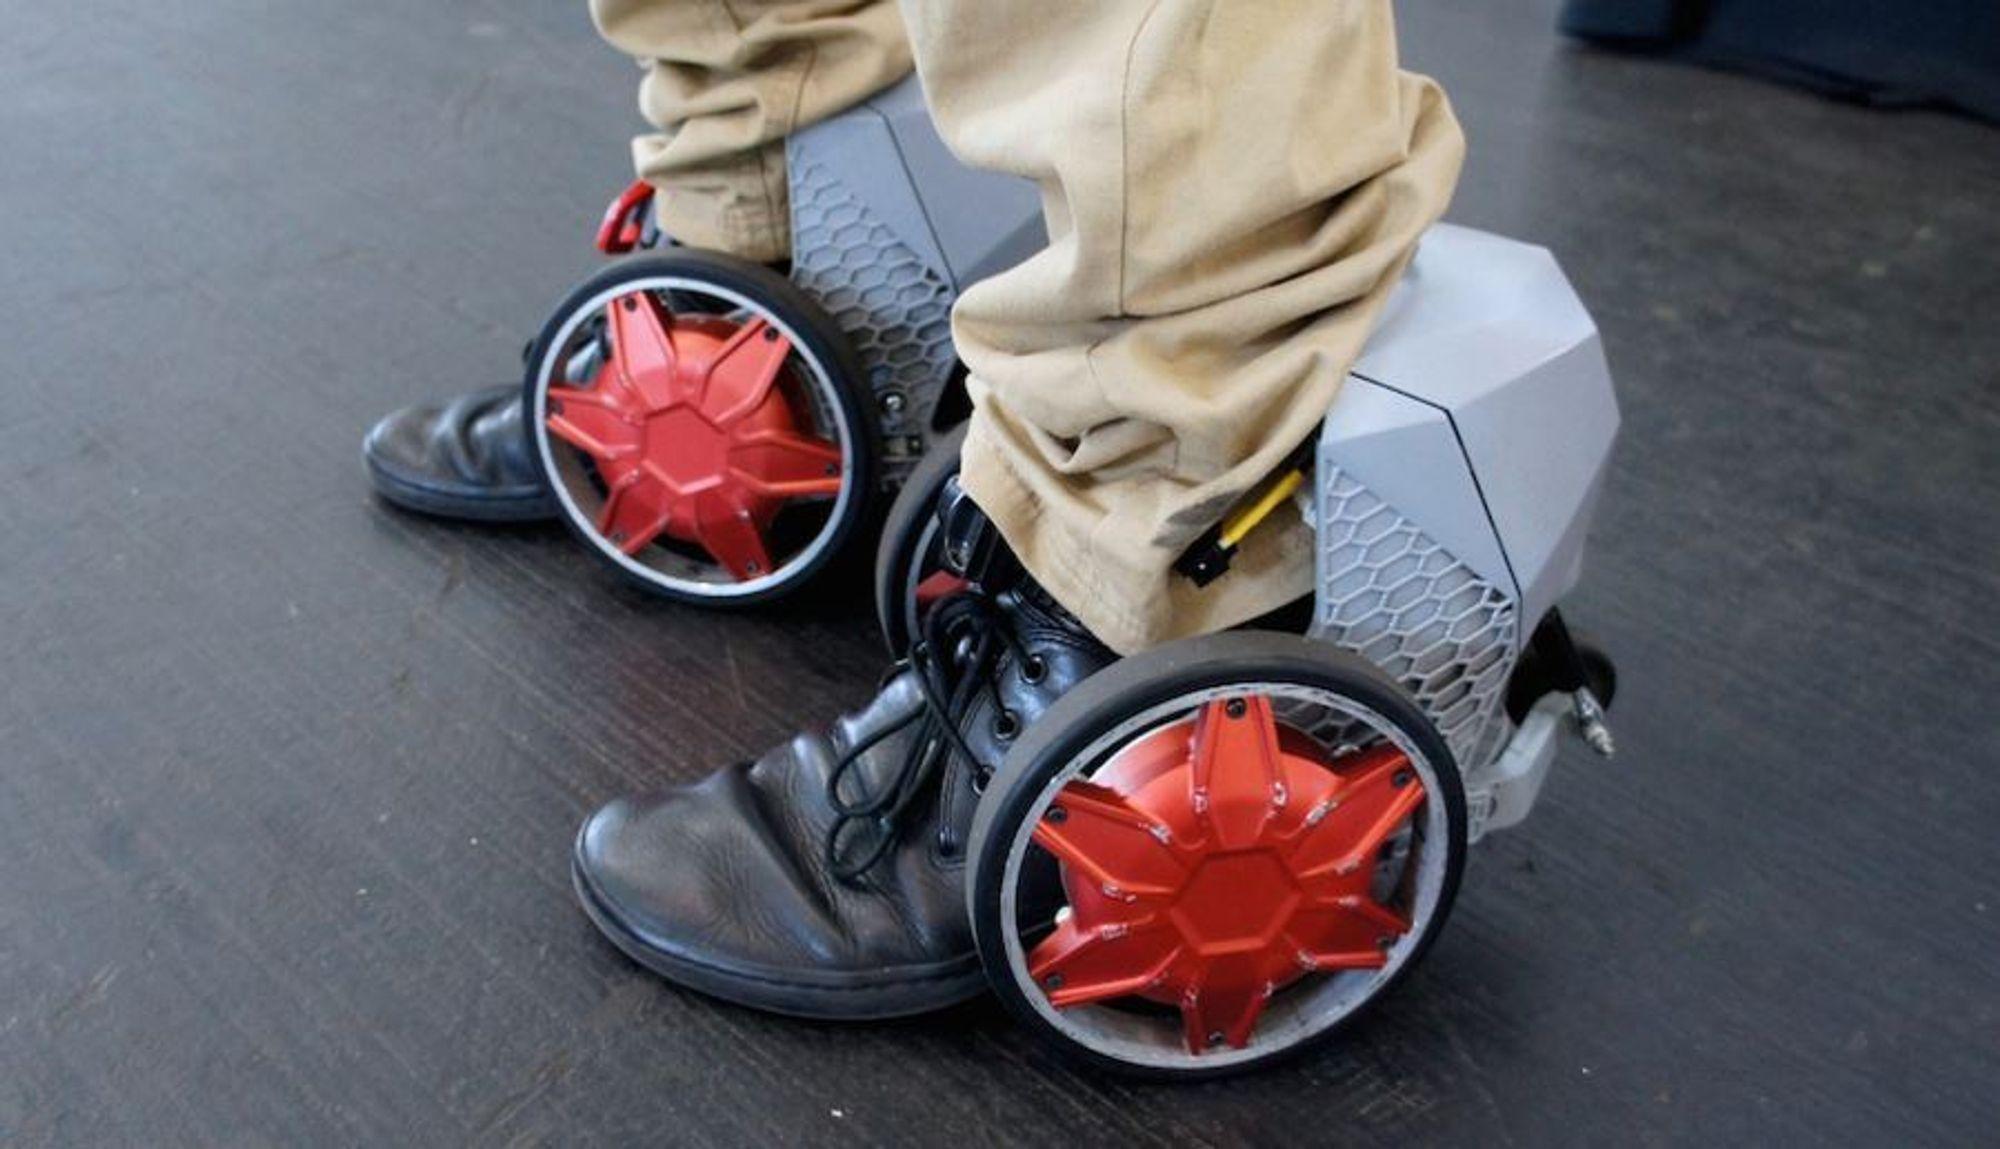 elektrisk sparkesykkel lovlig 2015